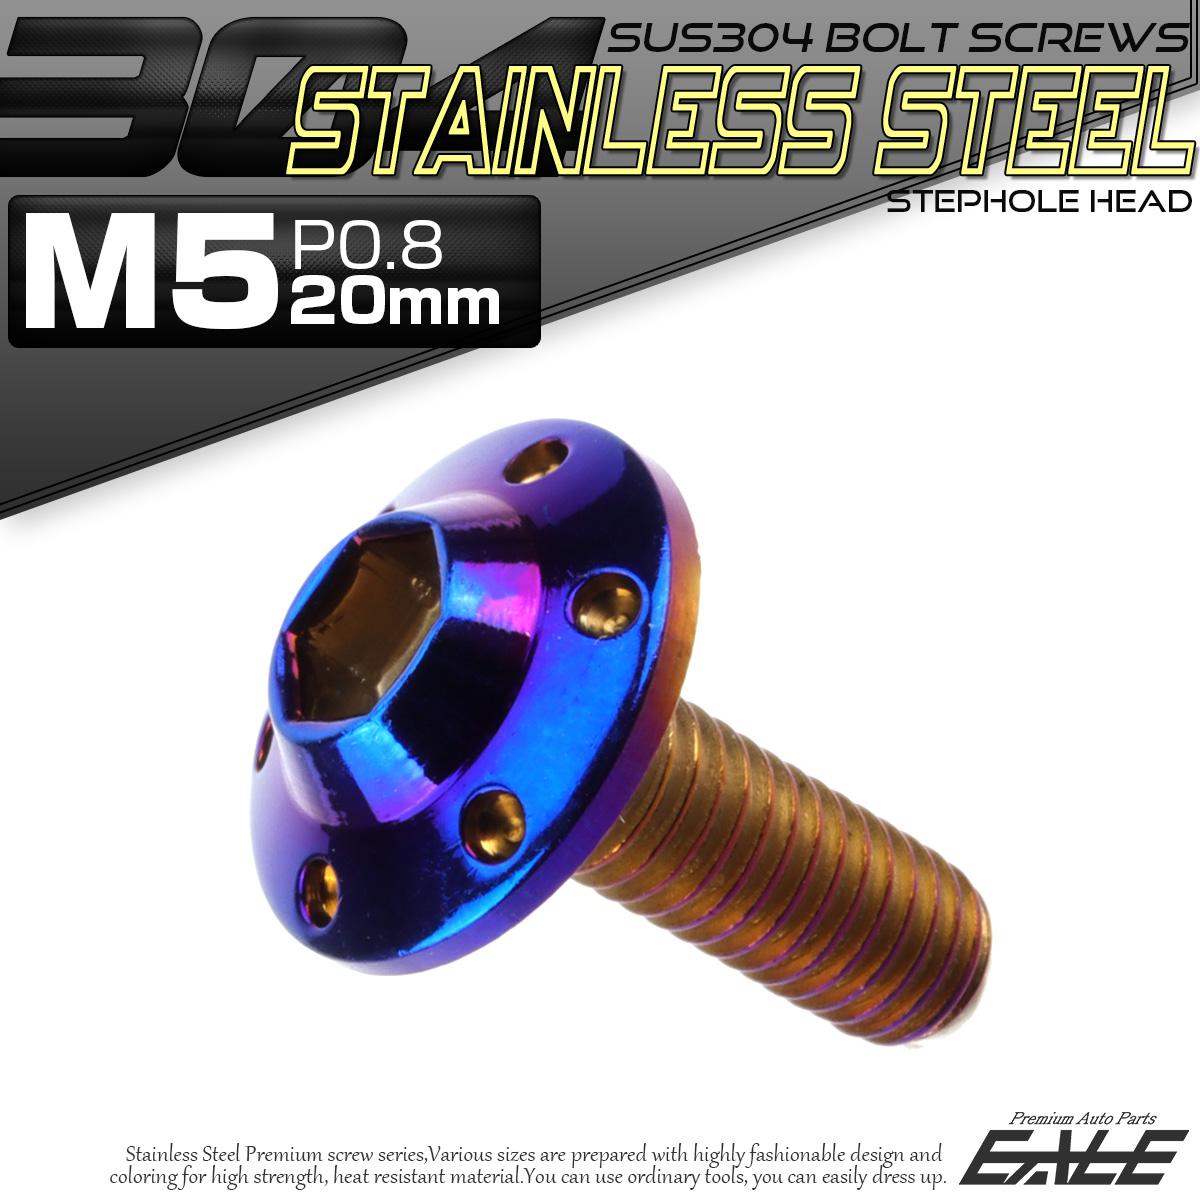 SUS304 フランジ付 ボタンボルト M5×20mm P0.8 六角穴  焼きチタン ステップホールヘッド ステンレス製 TR0202